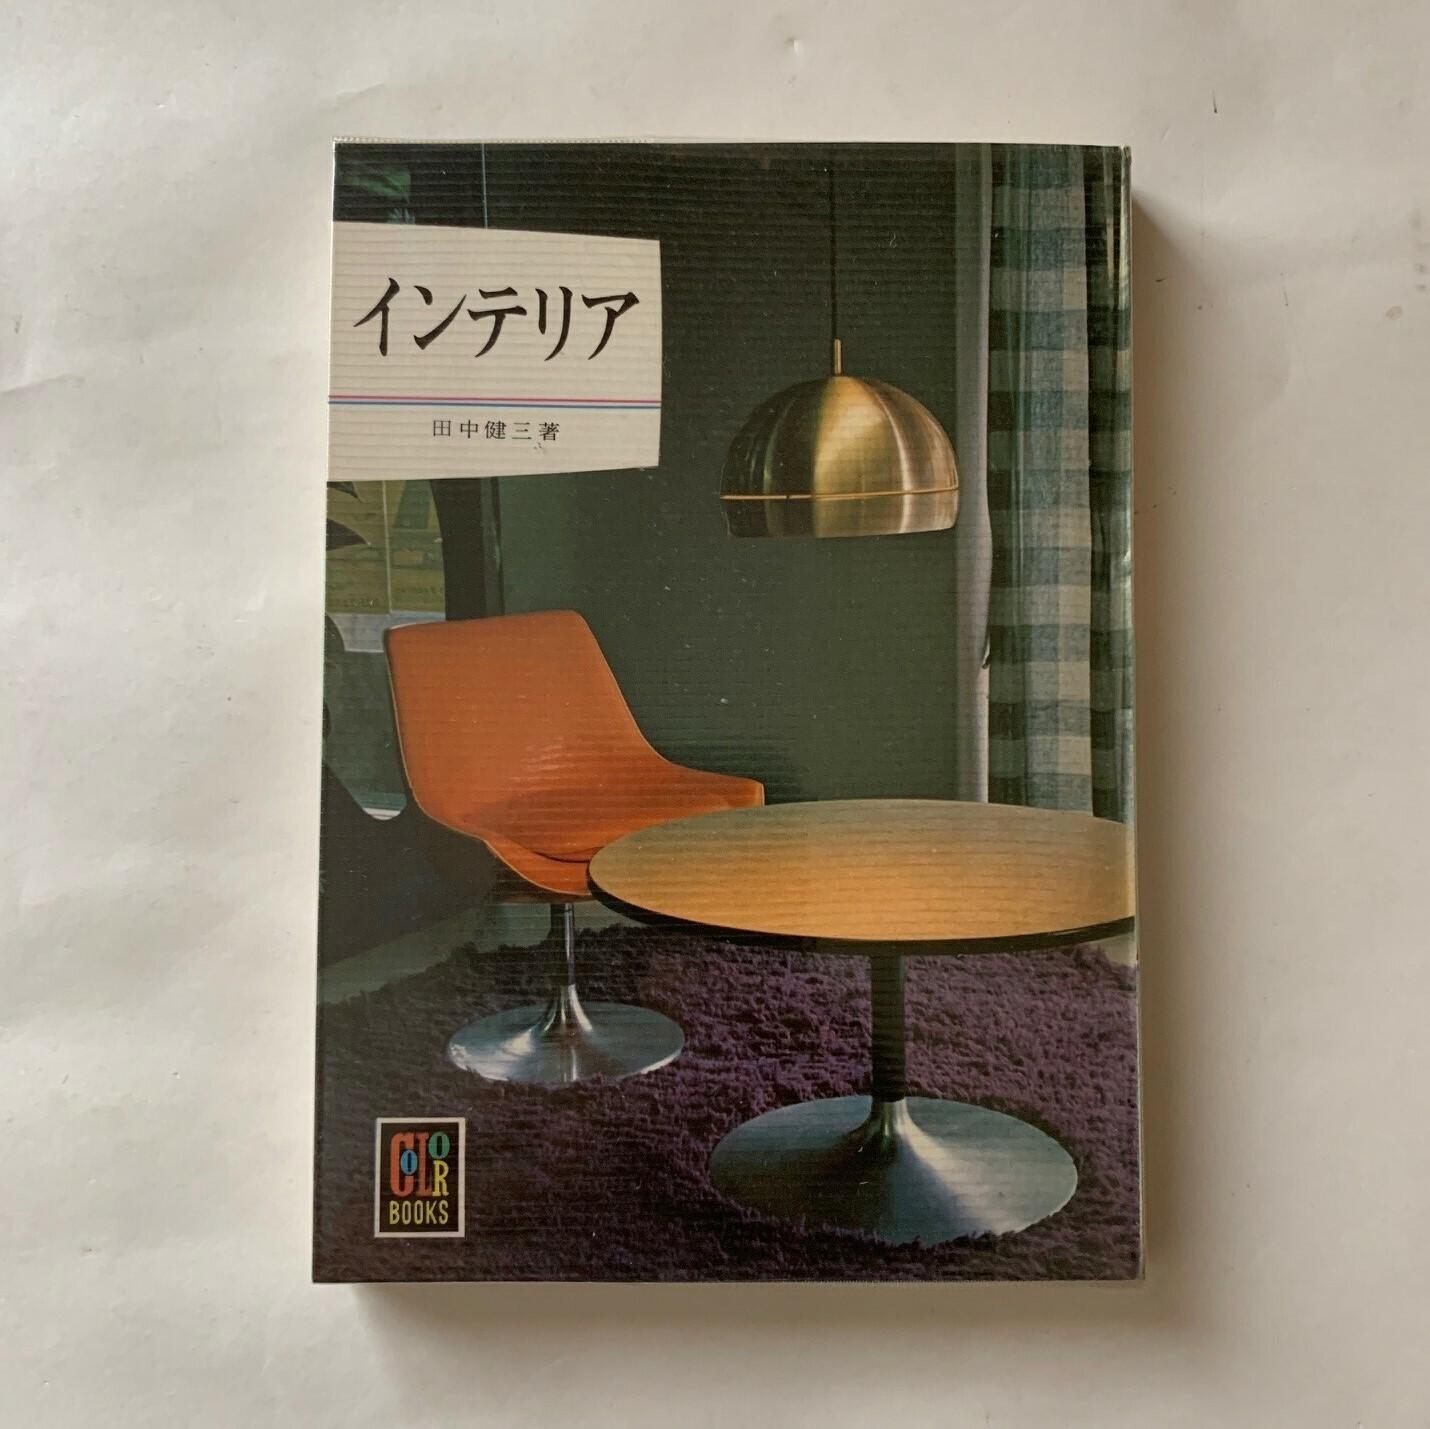 インテリア / 田中健三 / カラーブックス214